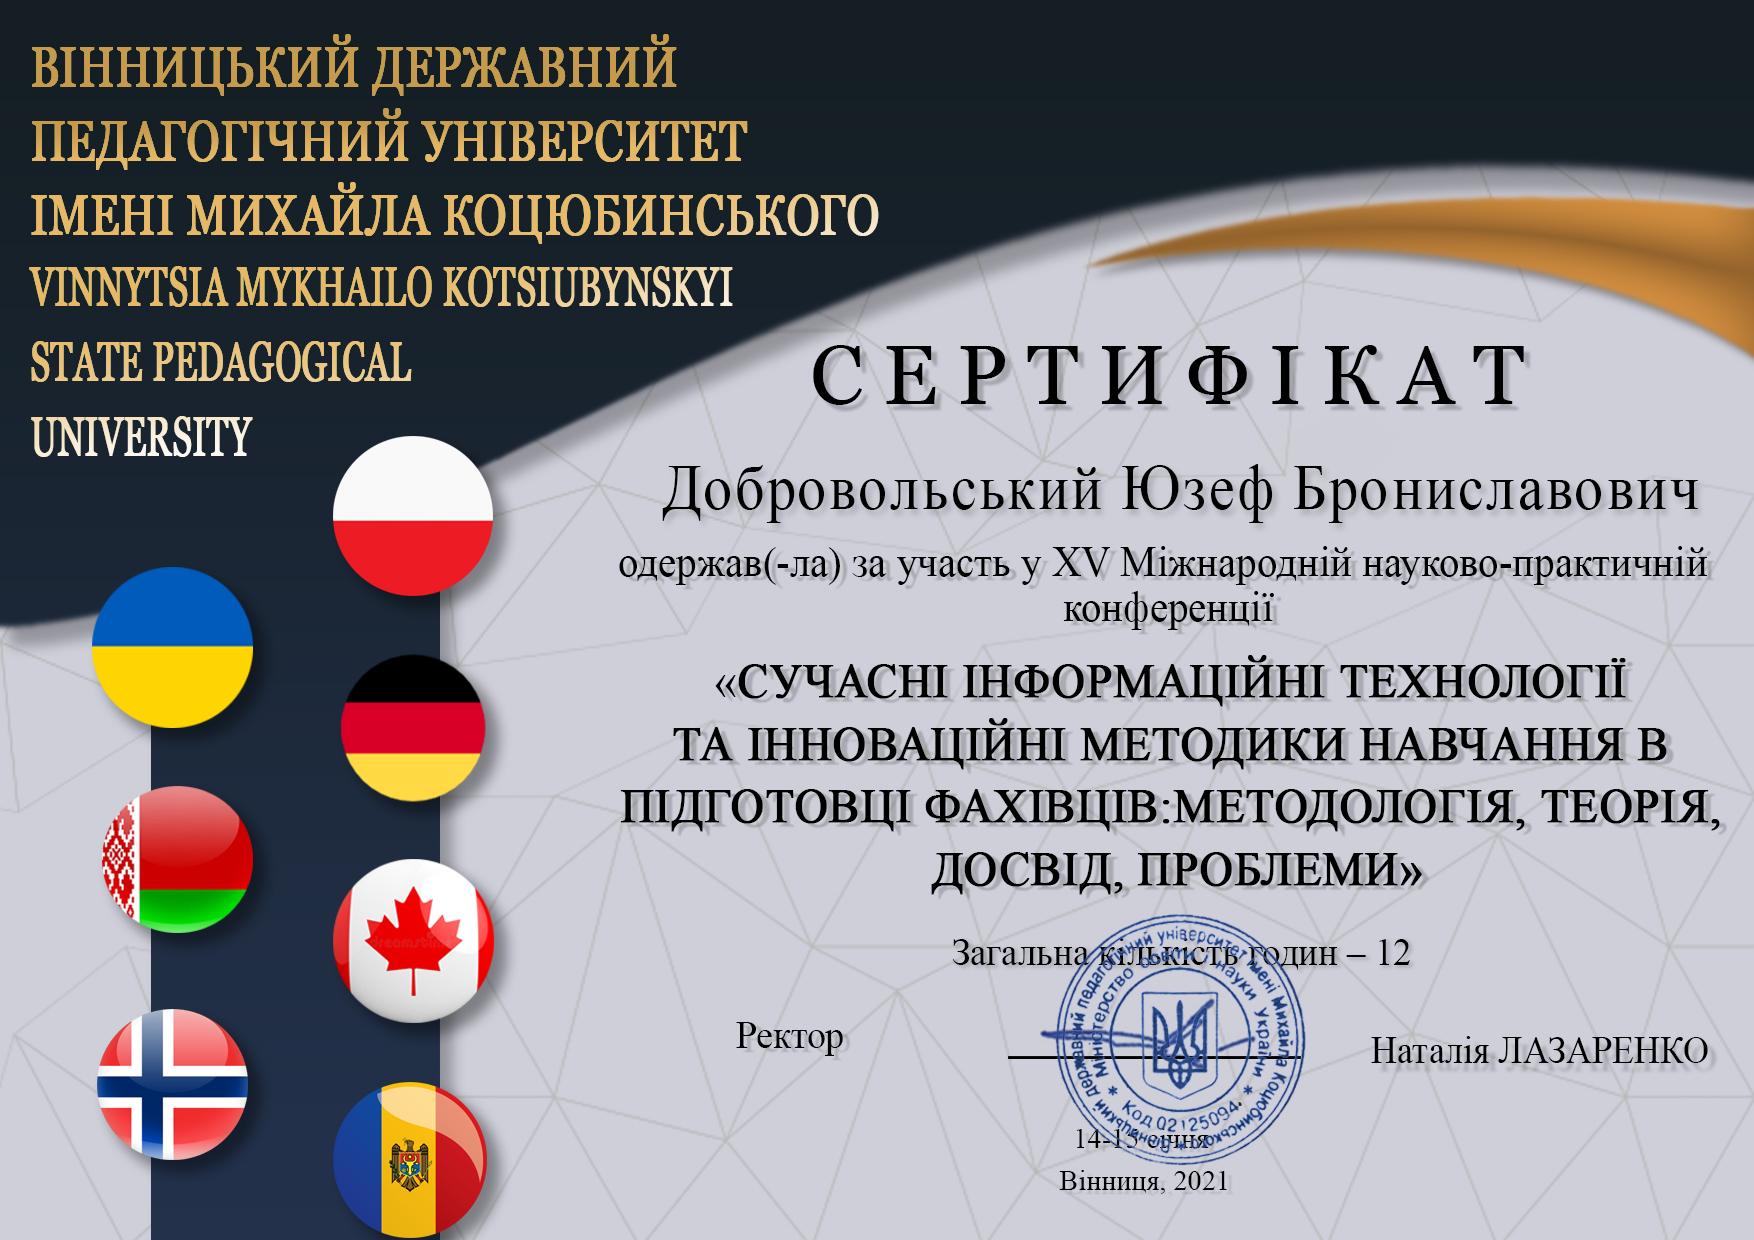 Добровольський Юзеф Брониславович